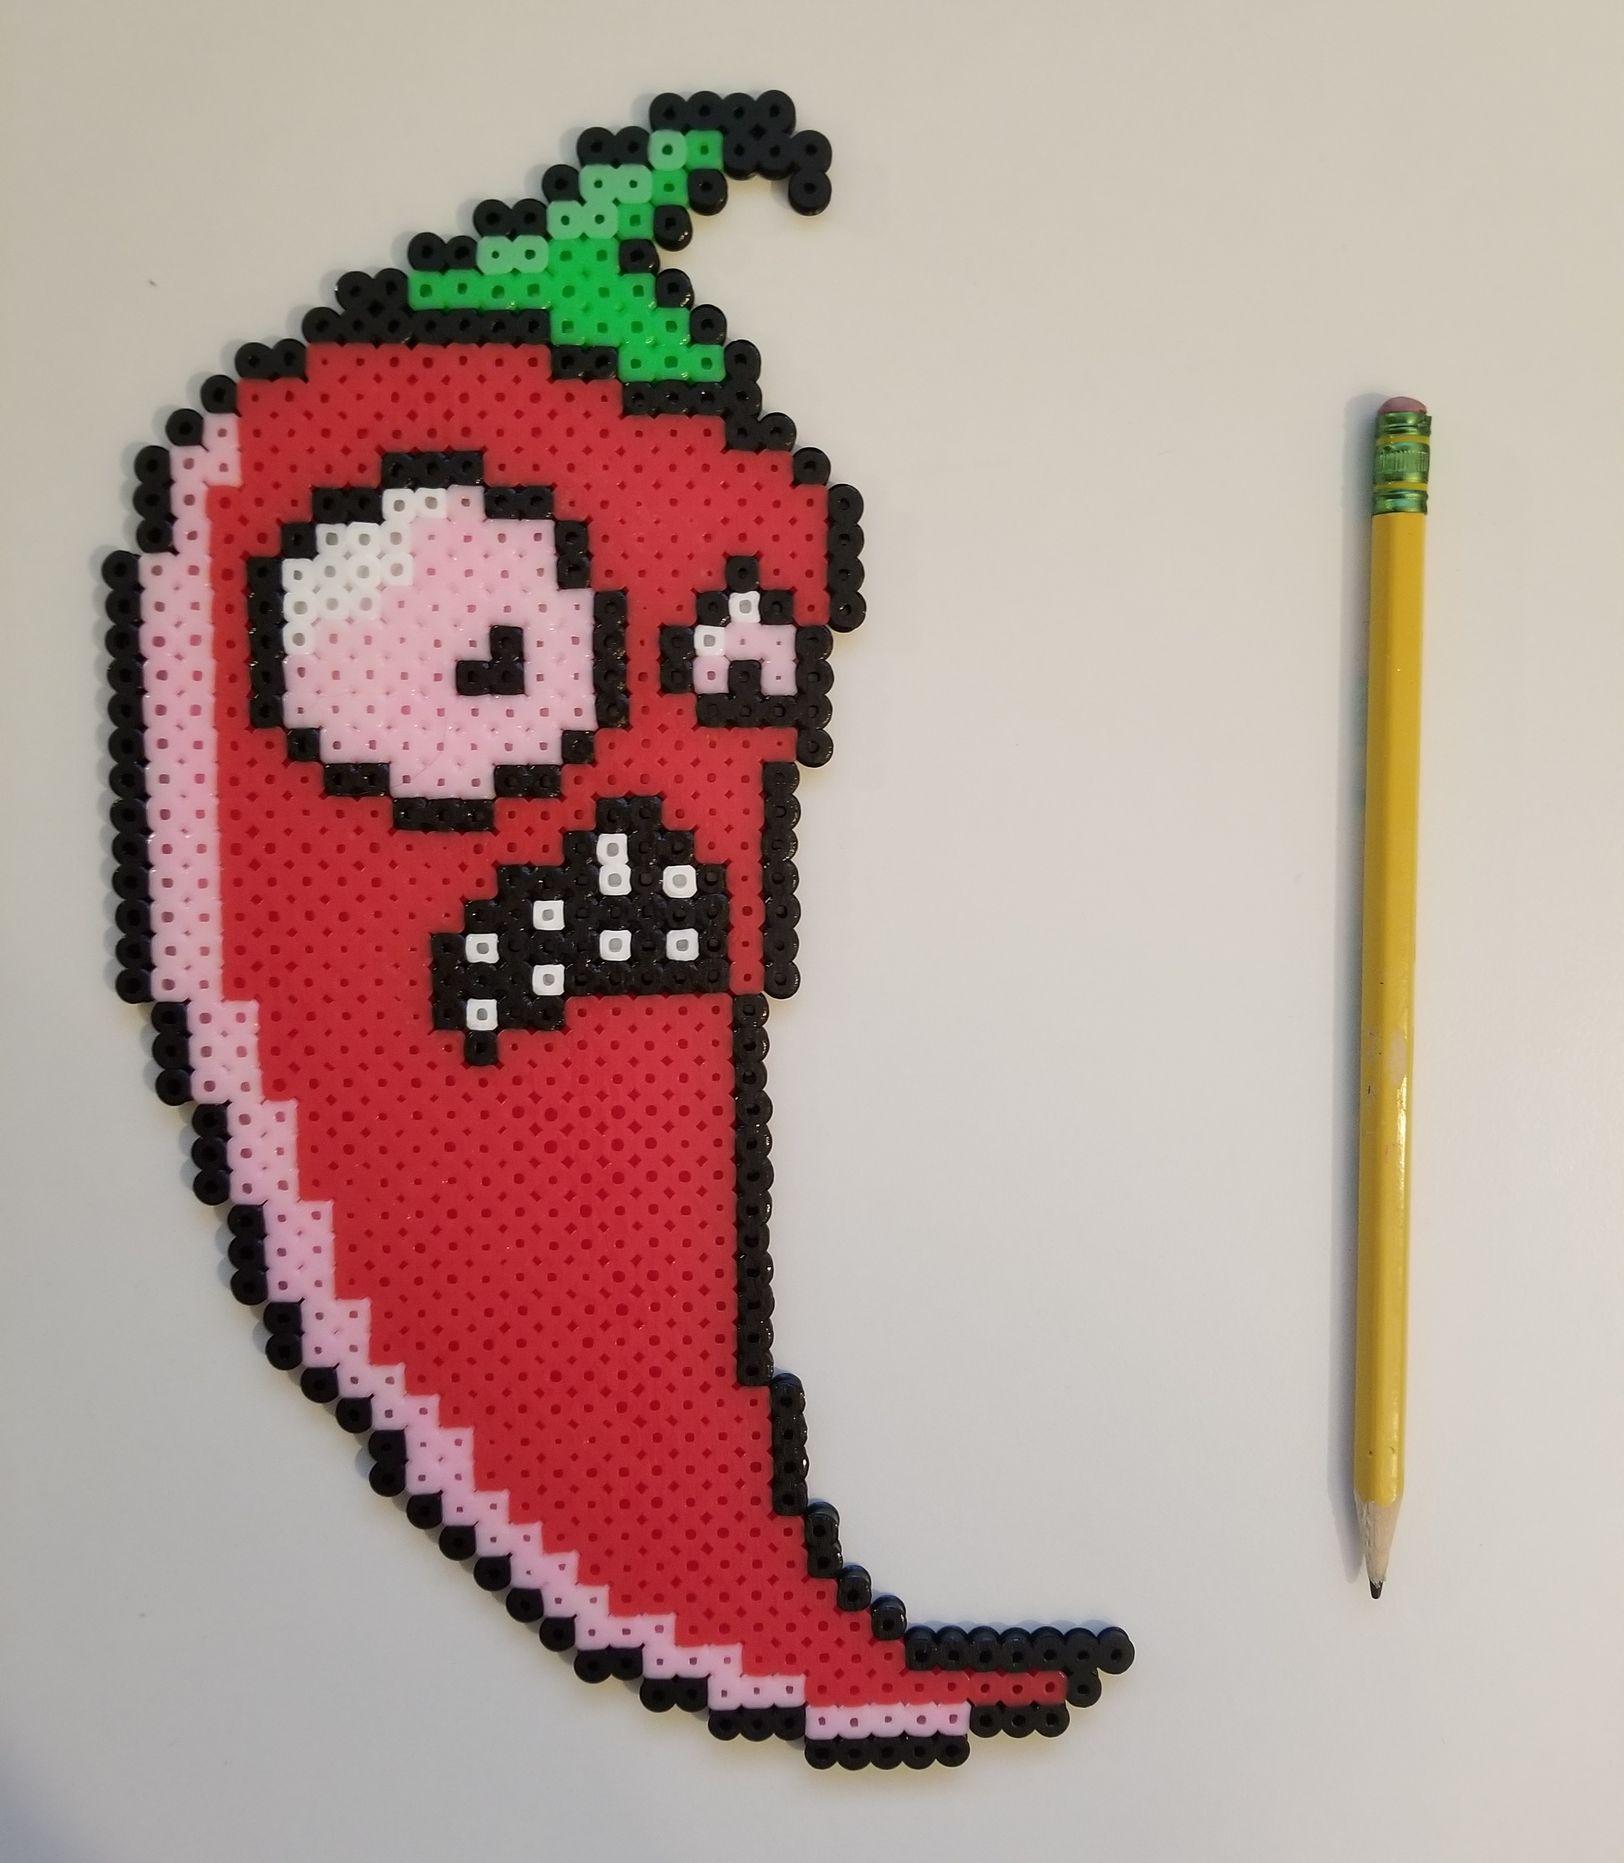 Pixel Art And Perler Bead Sprites